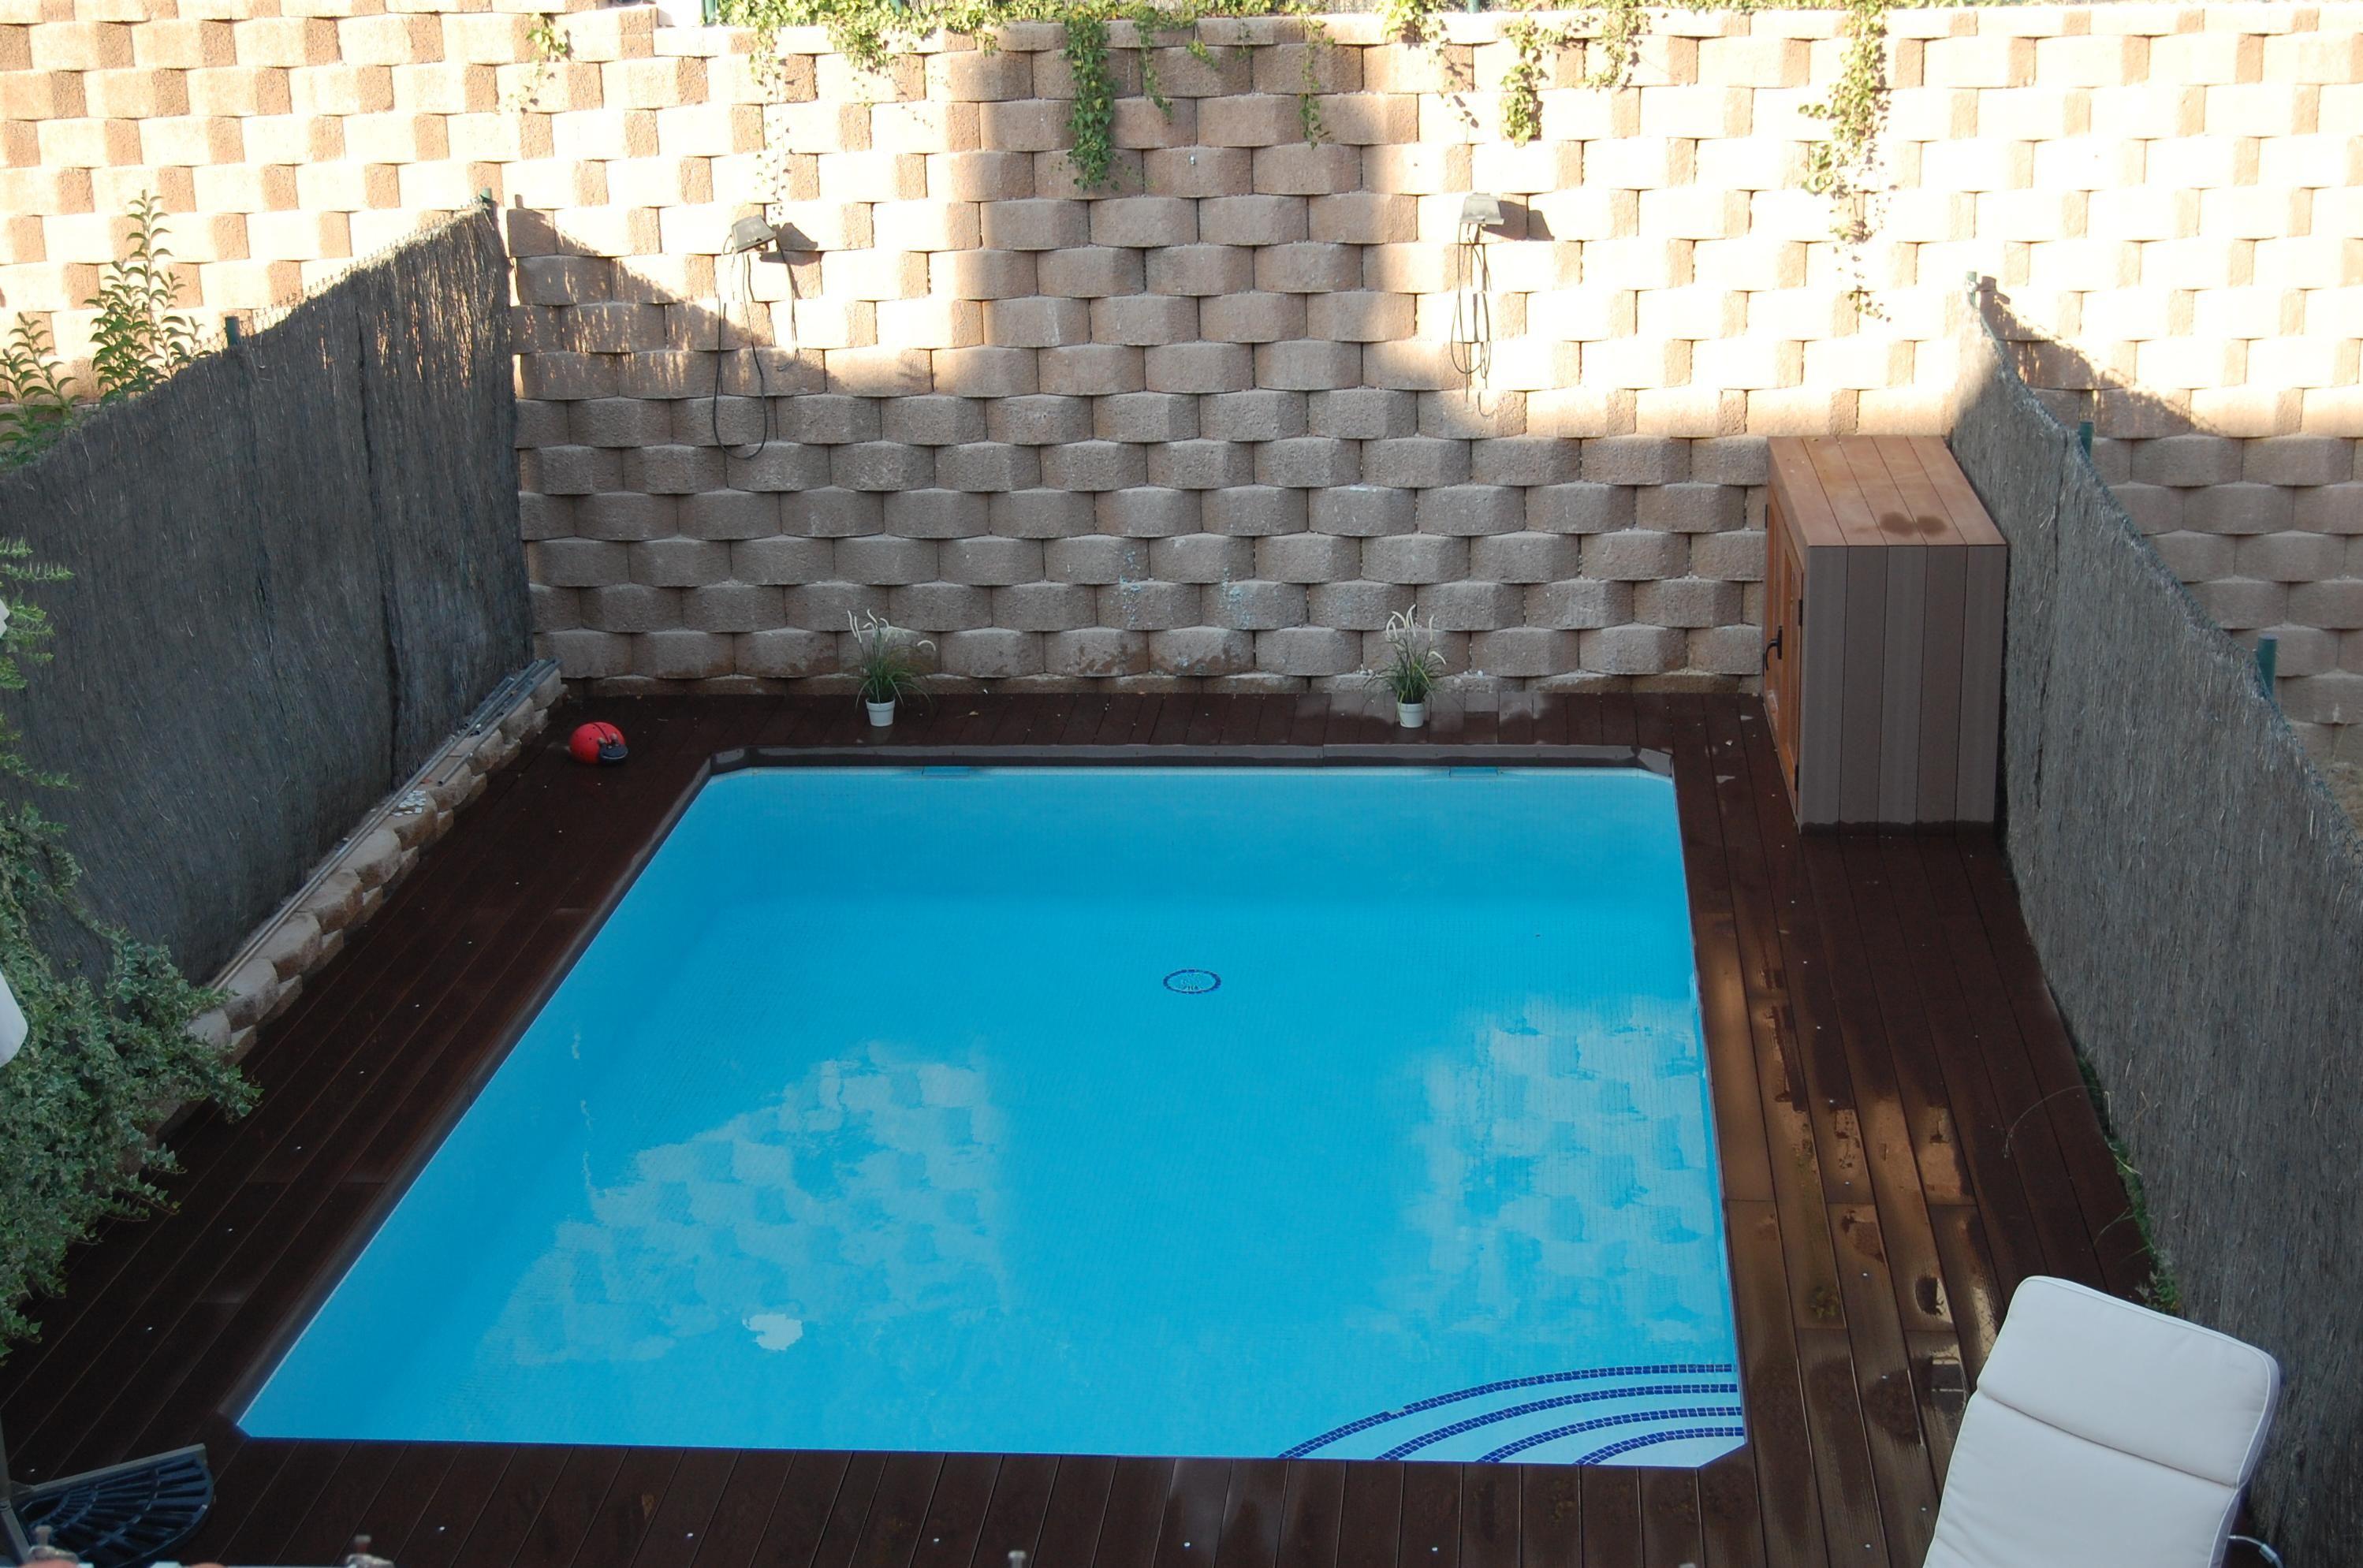 piscina günitada de 6x5 con escalera romana interior, gresite